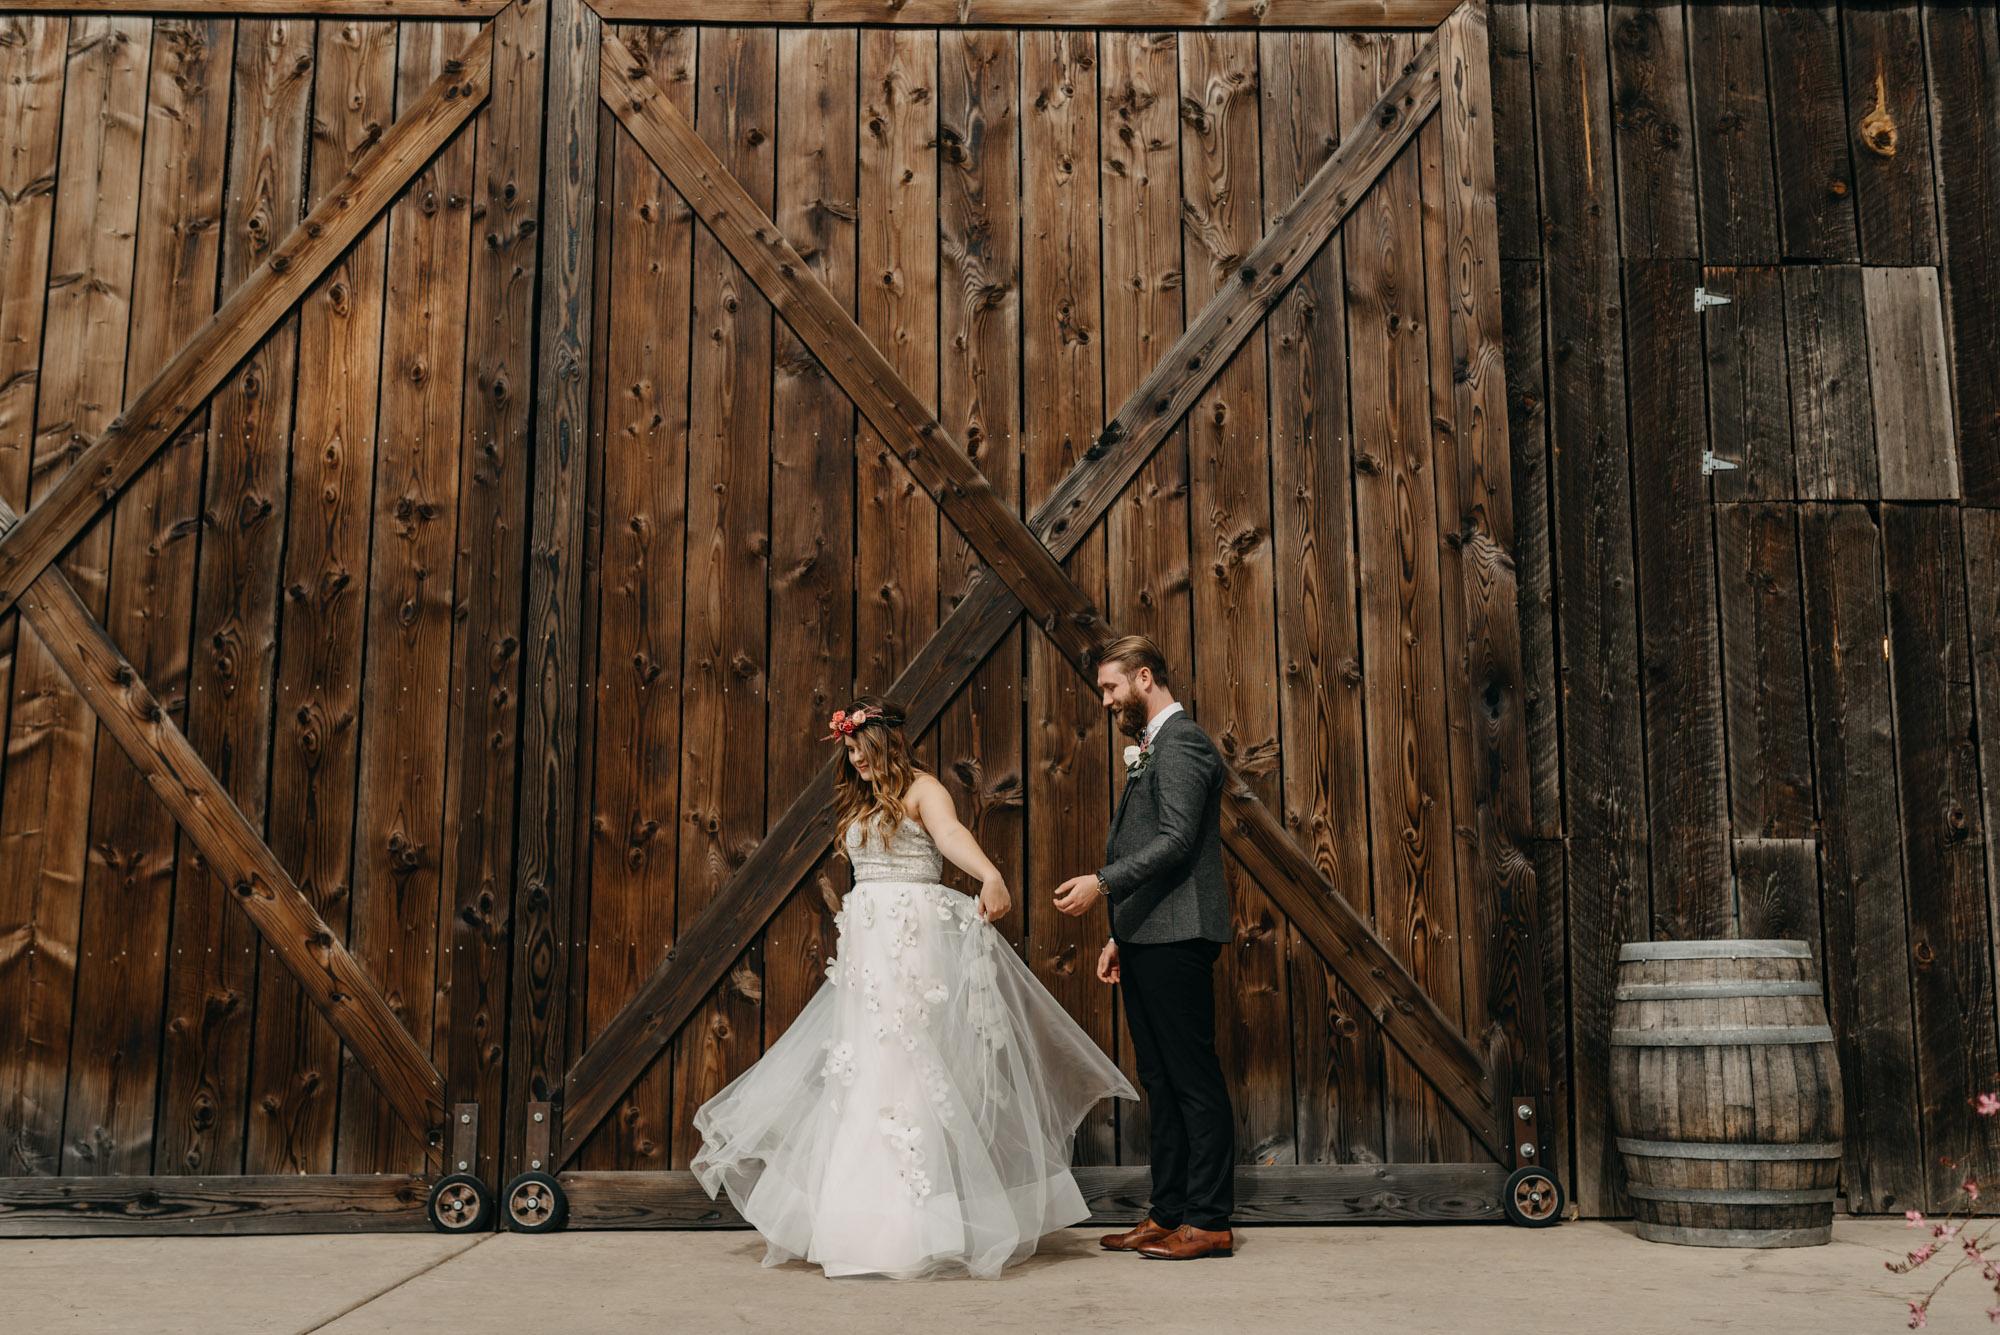 Outdoor-First-Look-Washington-Wedding-Barn-Door-8127.jpg